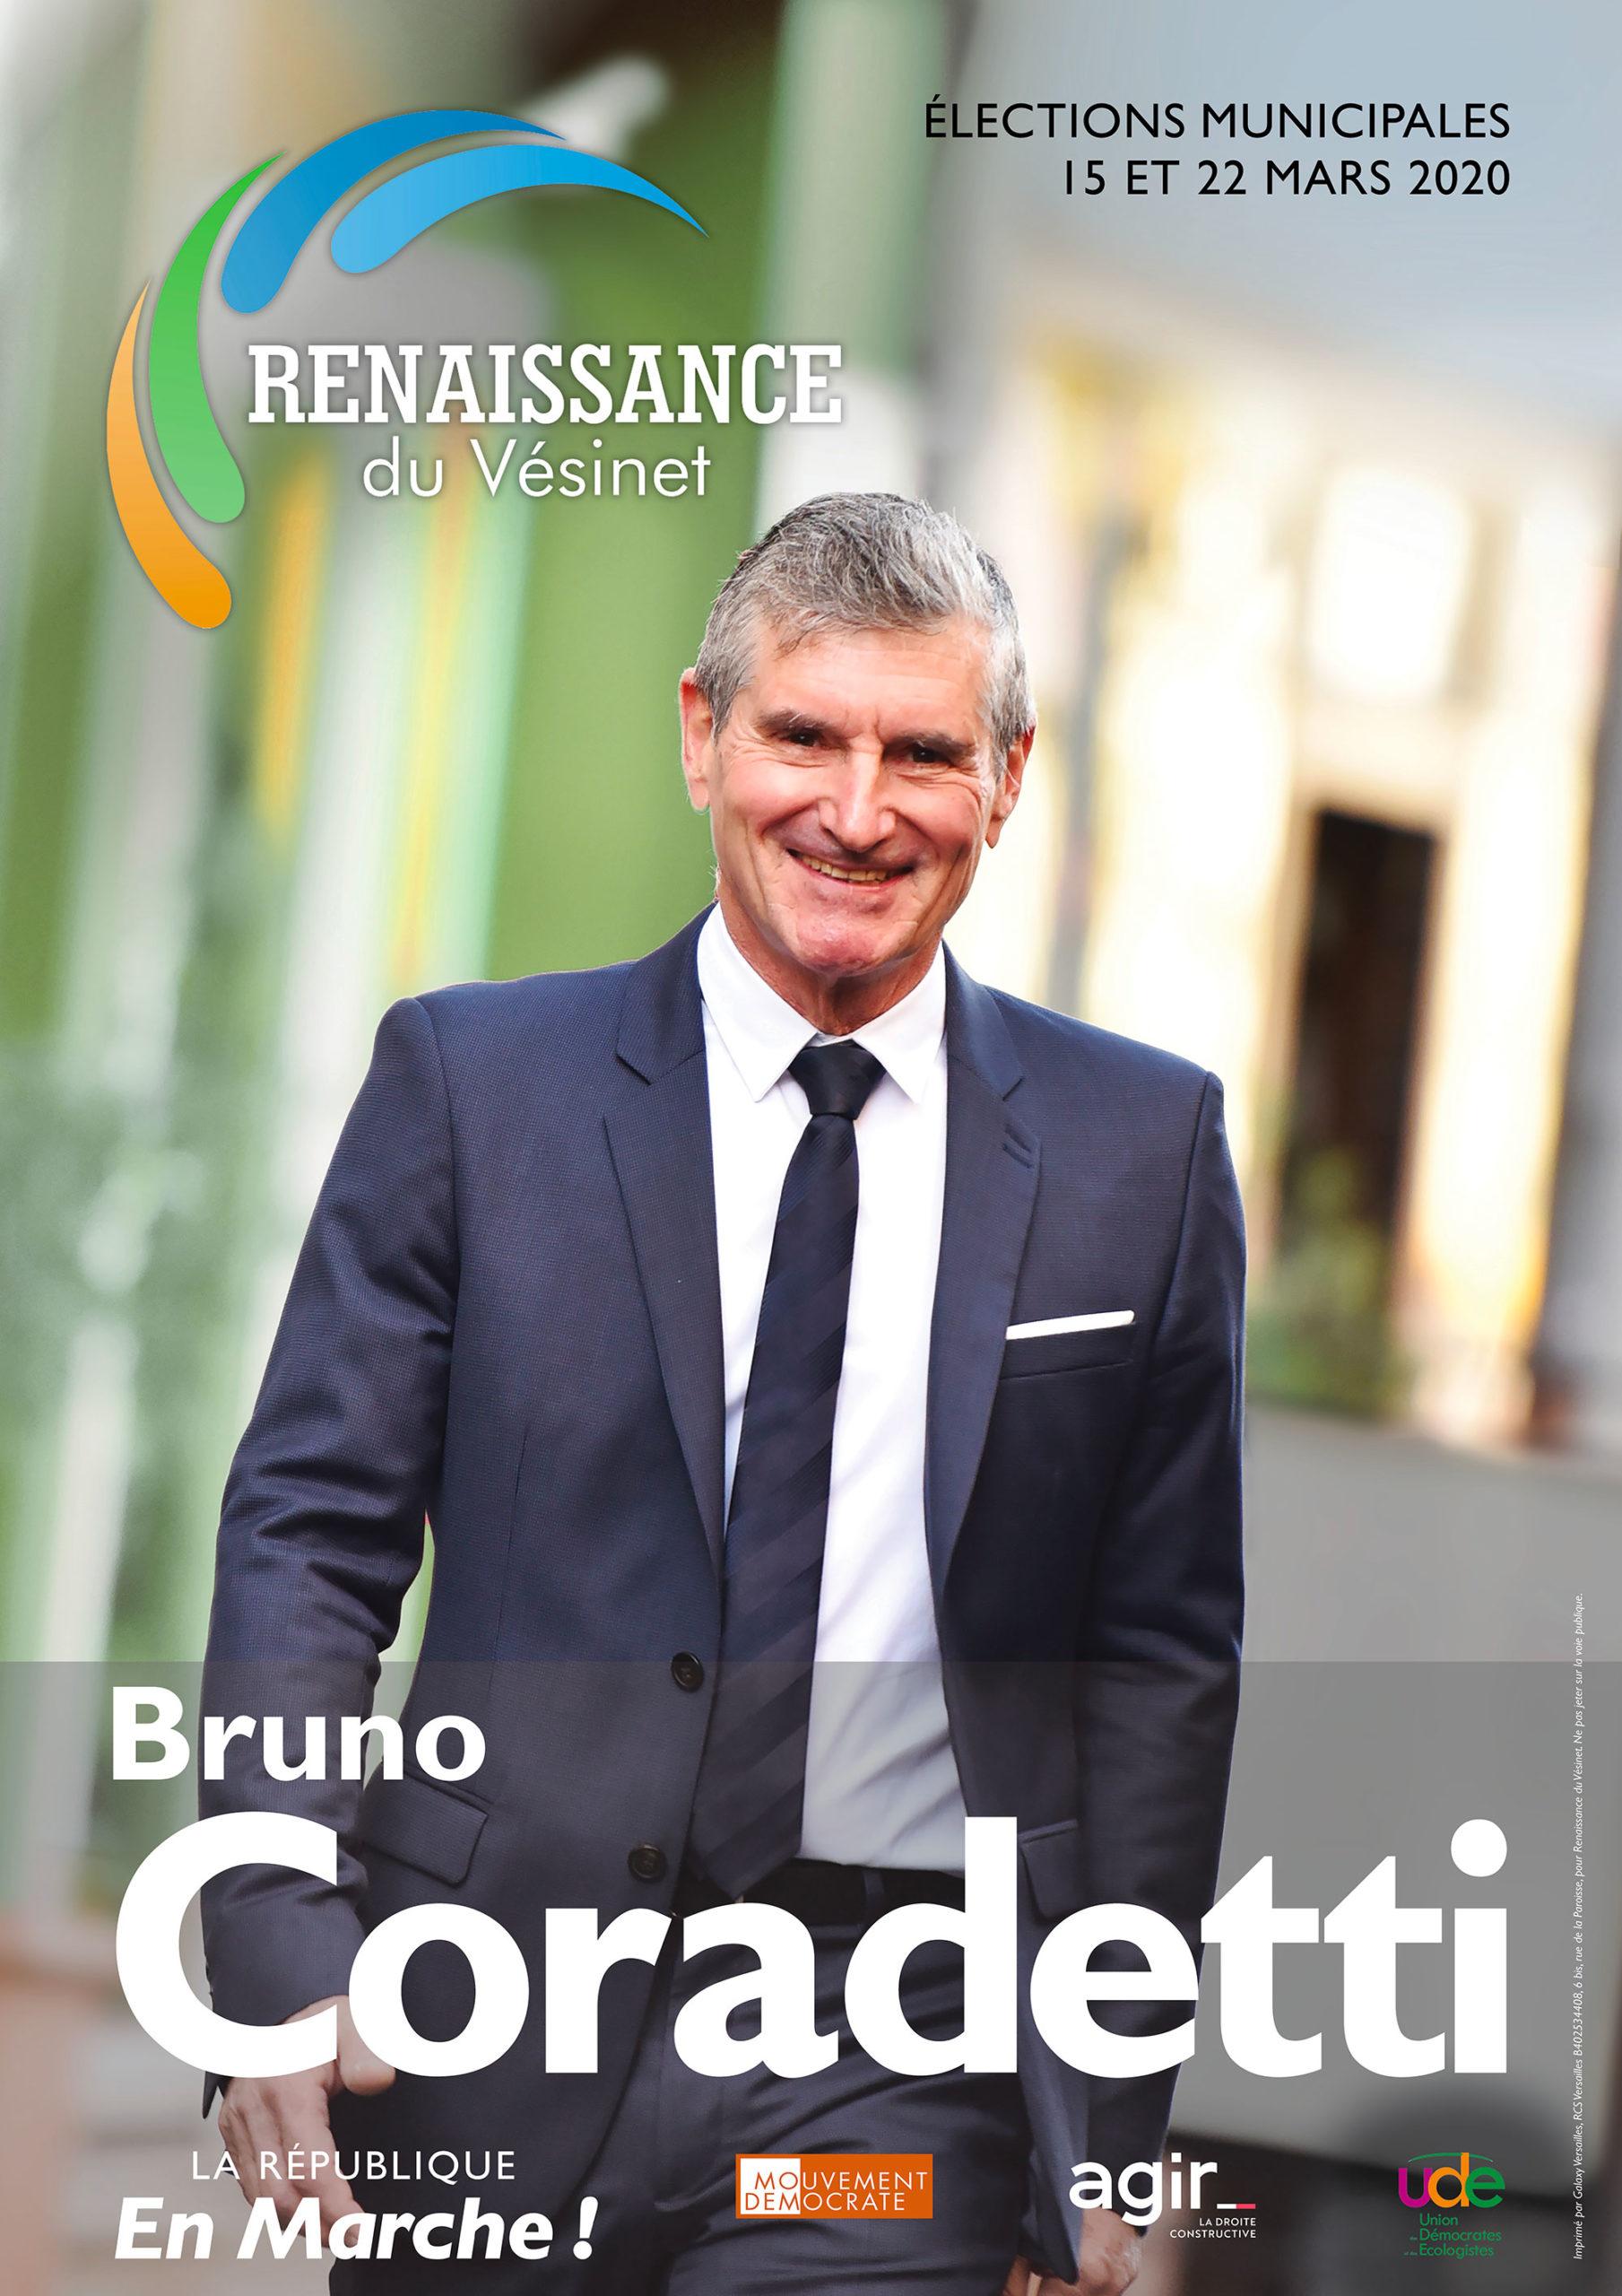 Bruno Coradetti (Renaissance du Vésinet) - Notre liste Renaissance du Vésinet est une équipe 100% nouvelle, solide et solidaire pour dessiner le Vésinet de demain